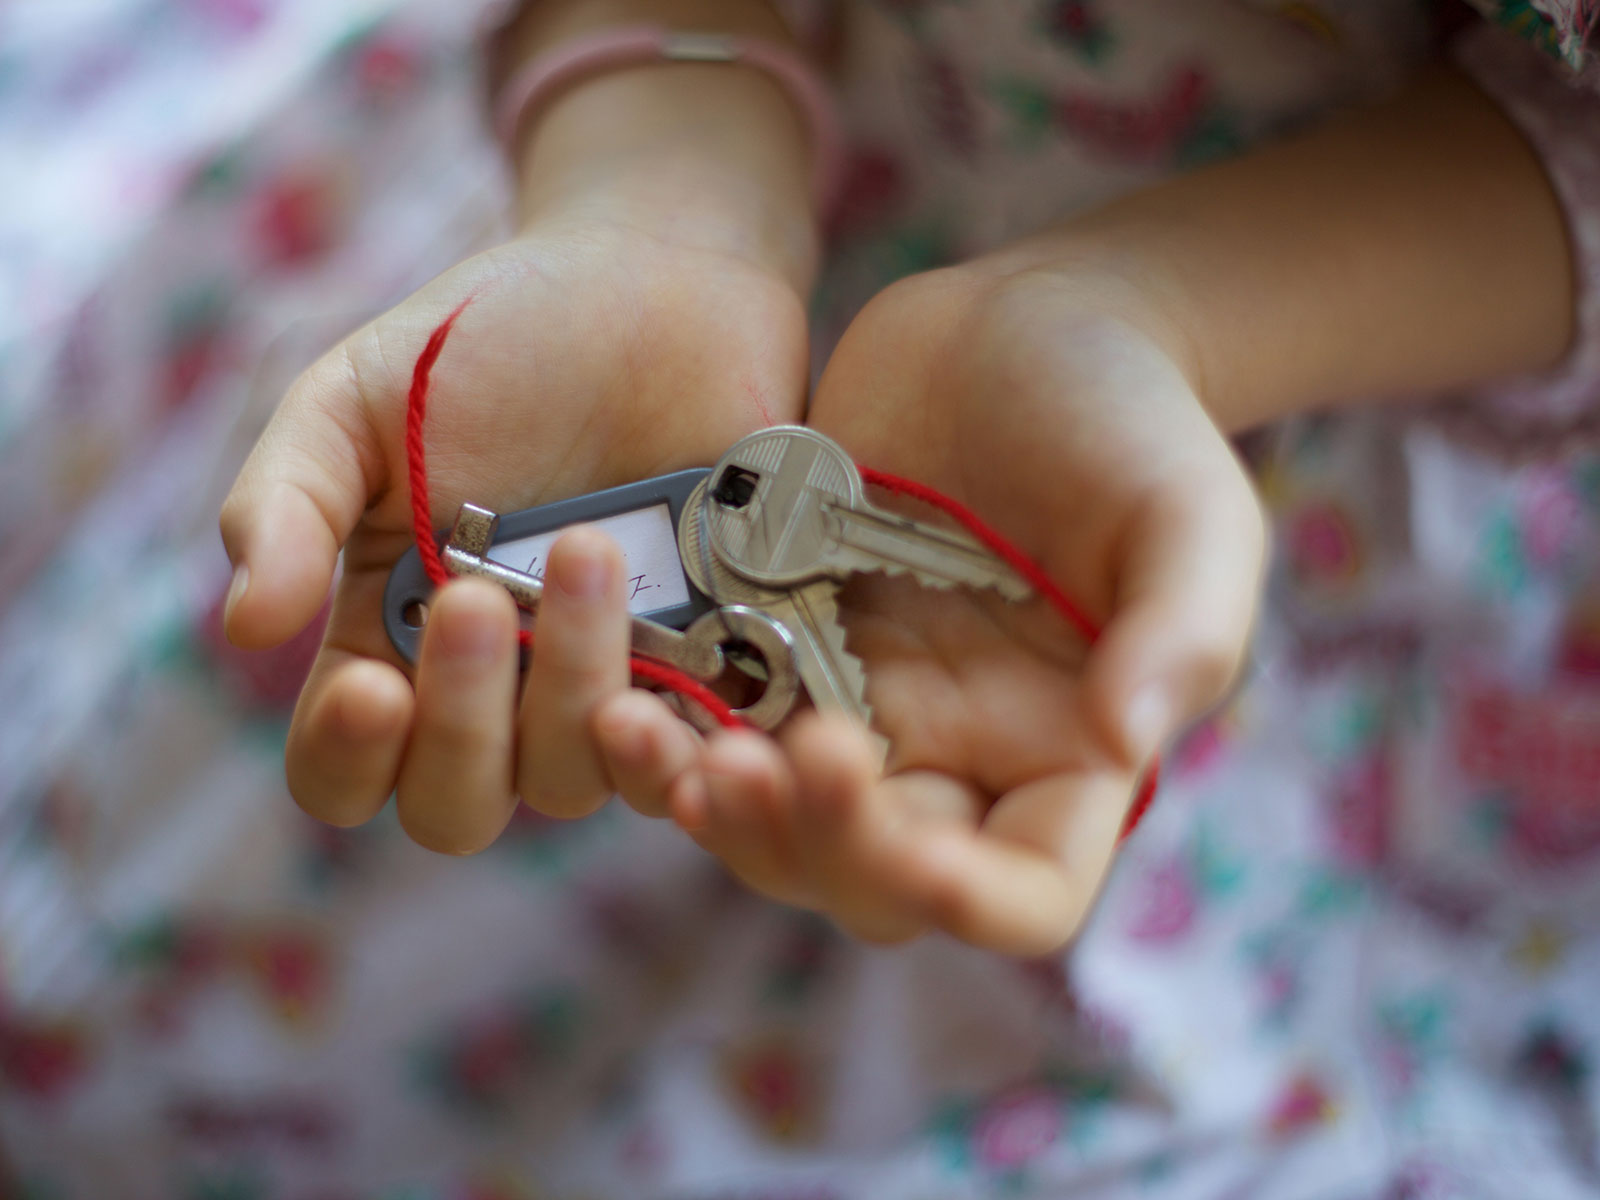 Chiharu Shiota The Key in the Hand, 2015 (Ausschnitt)